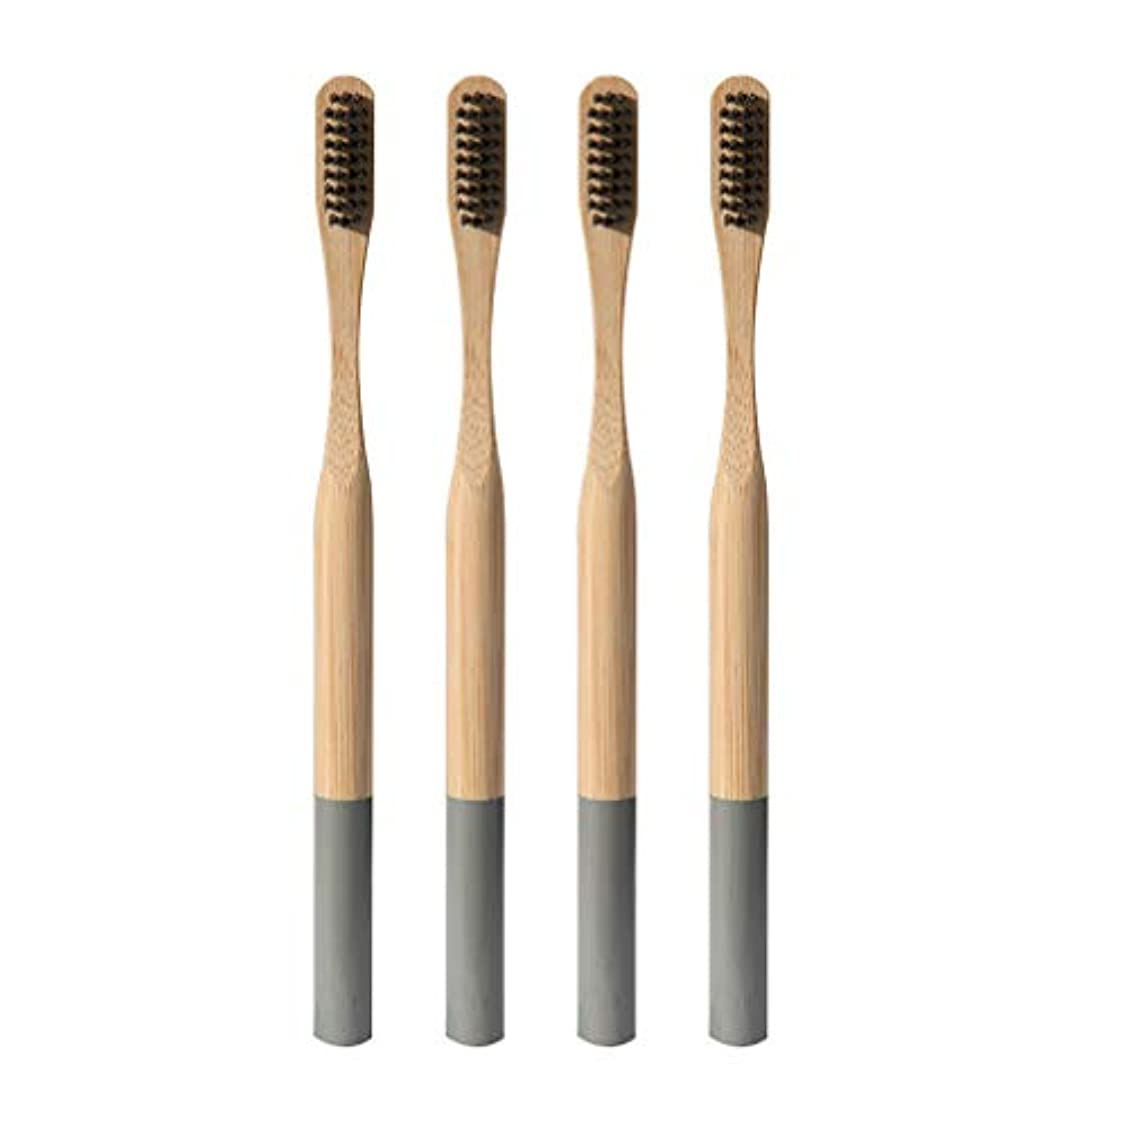 ビヨン役員サイクロプスHEALLILY 天然竹炭歯ブラシ柔らかい毛生分解性手動歯ブラシ大人用4本(グレー)